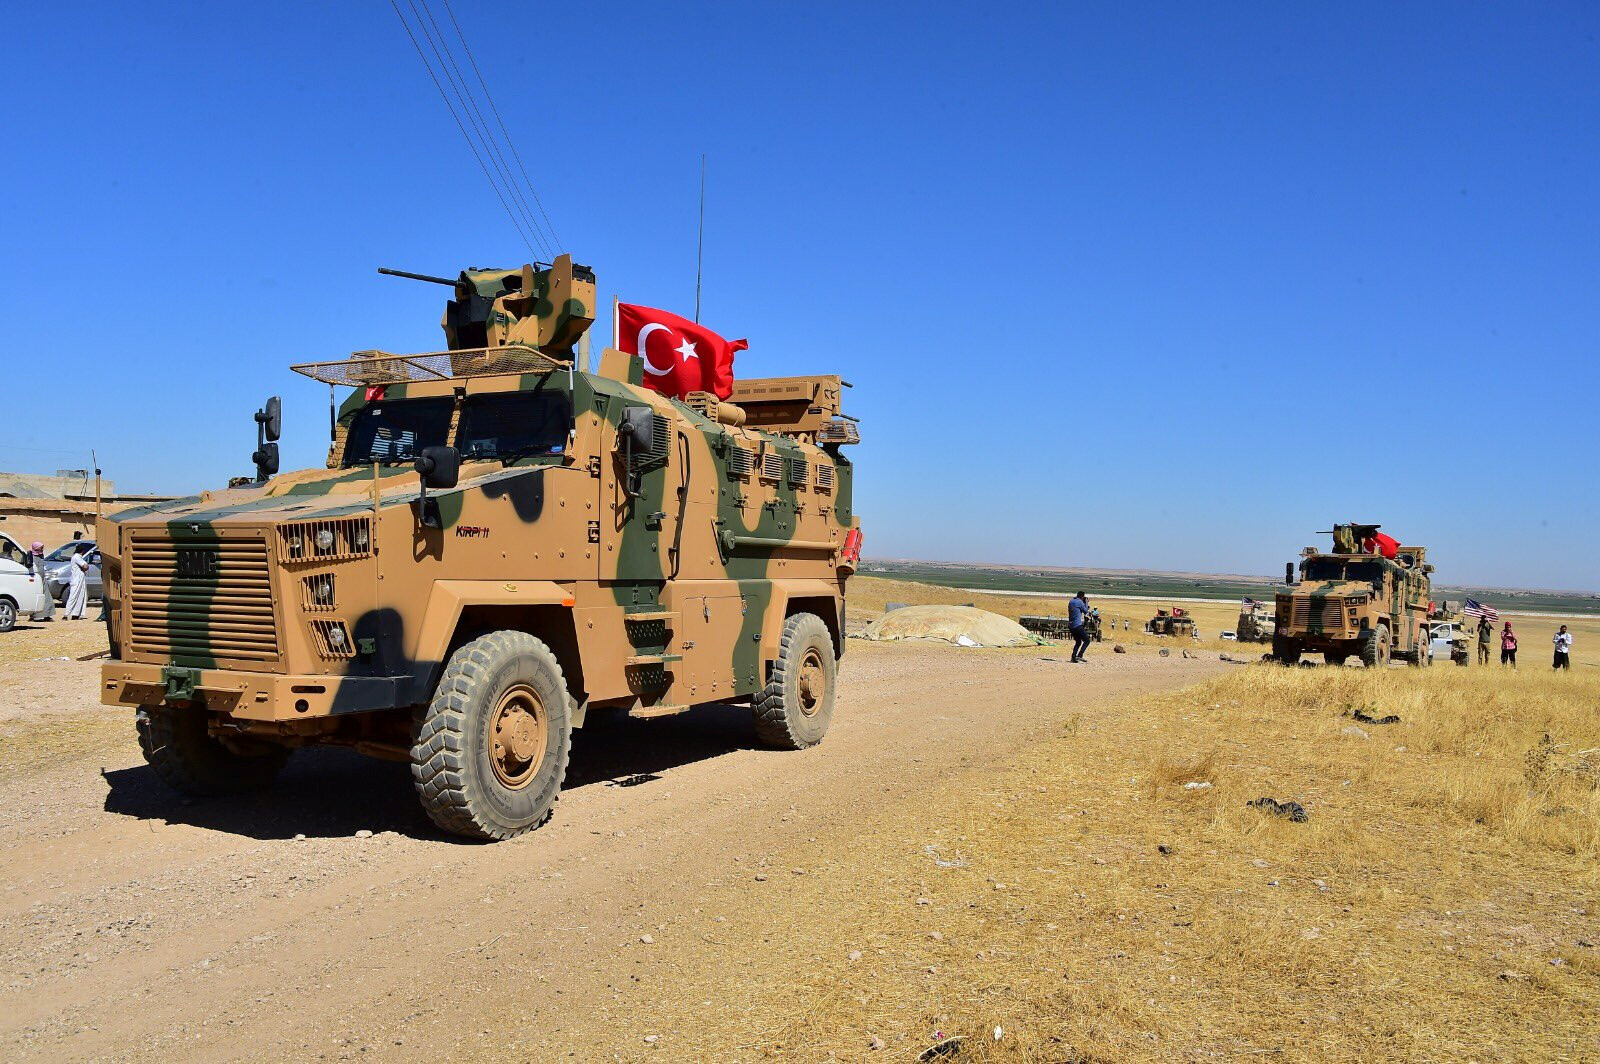 مصادر أمنية: تركيا أرسلت أطباء إلى مناطق على الحدود مع سوريا وألغت الإجازات